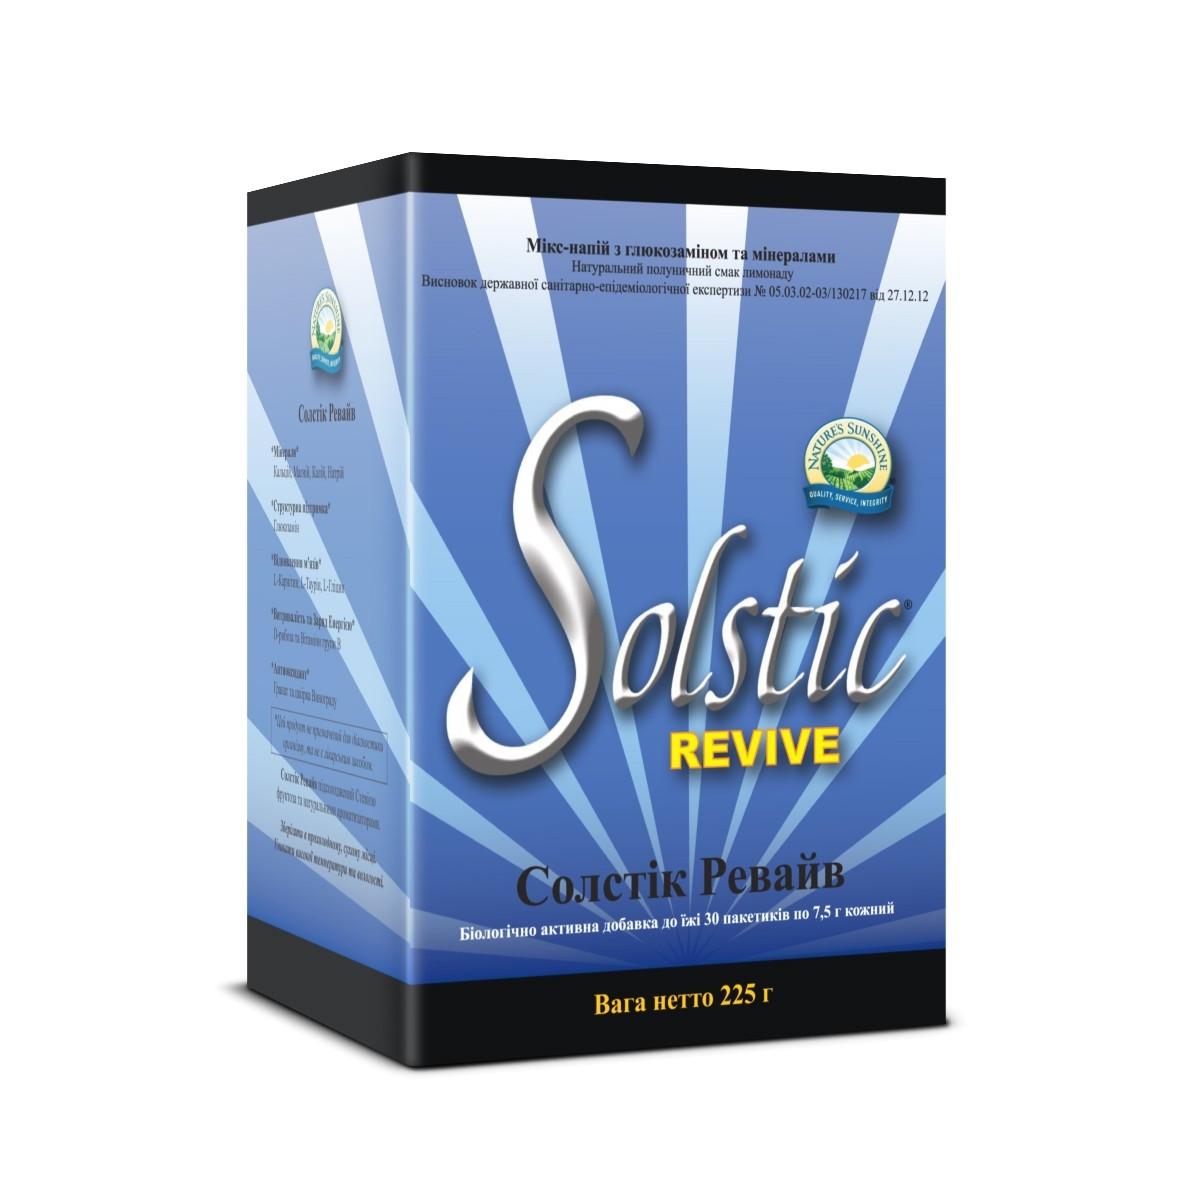 Восстанавливает структуру хрящевой ткани и суставы. СОЛСТИК РЕВАЙВ. SOLSTIC REVIVE - Дистрибьютор компании NSP в Днепре